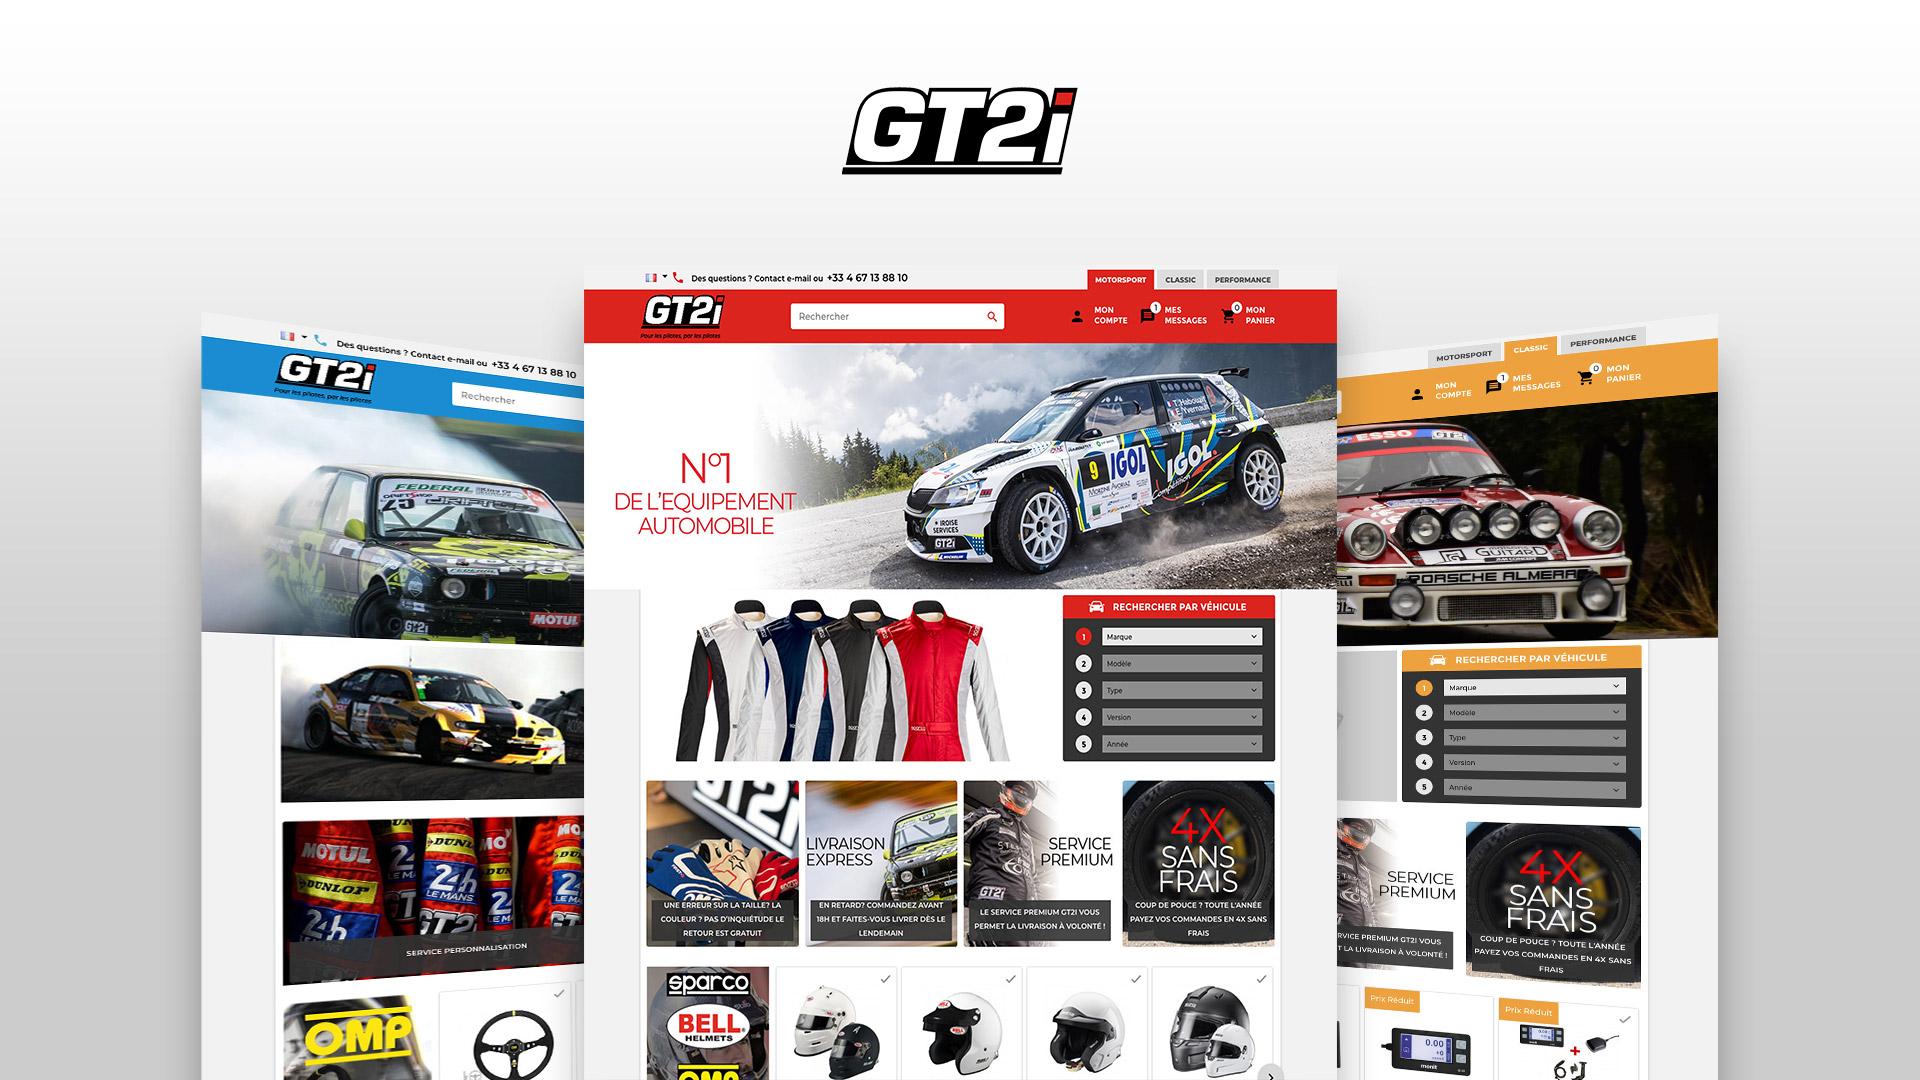 Boutique site ecommerce vente accessoires competition automobile